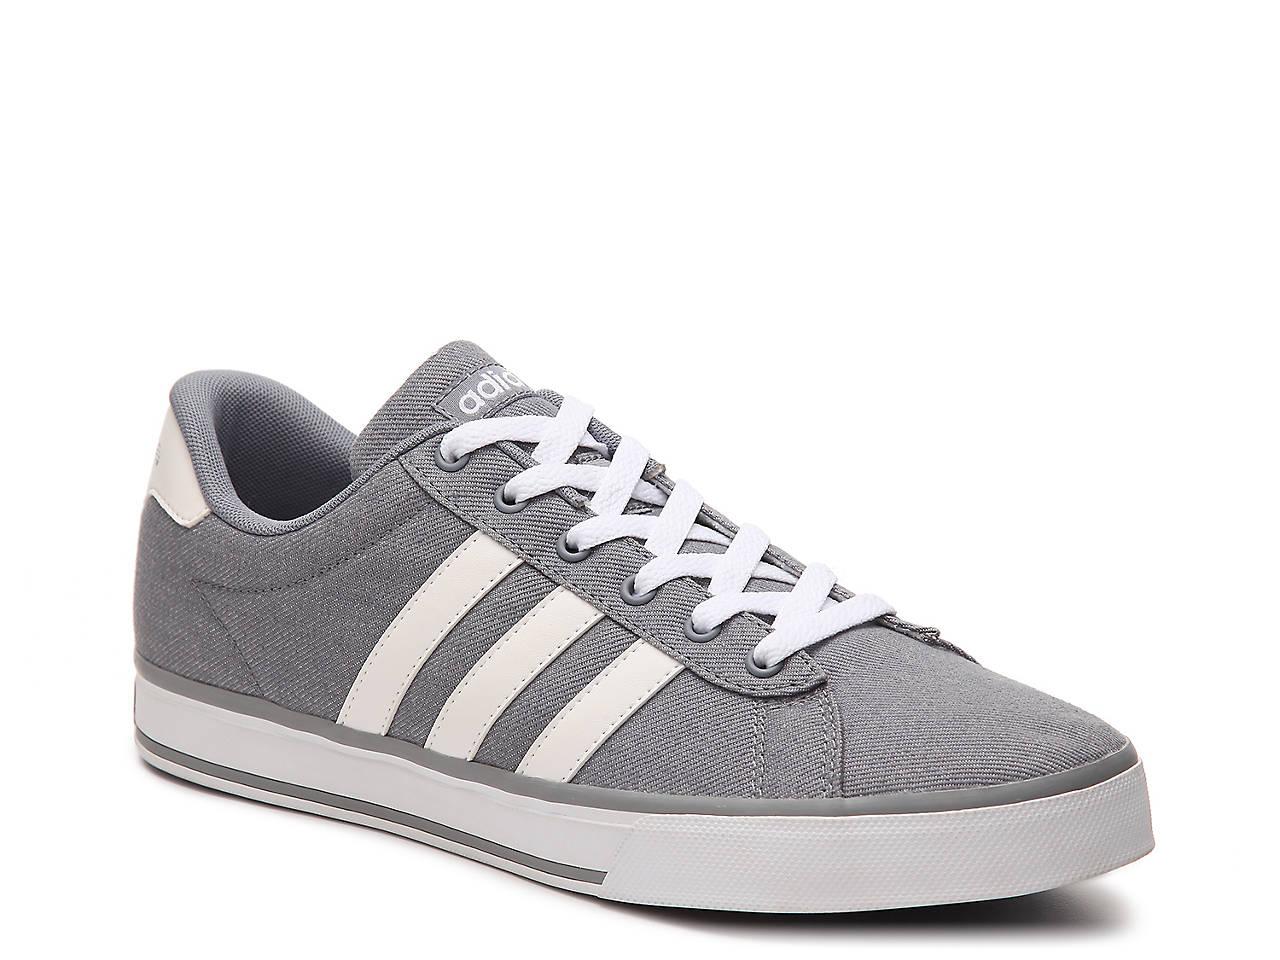 e7acbc6d0 adidas NEO SE Daily Denim Sneaker - Men s Men s Shoes